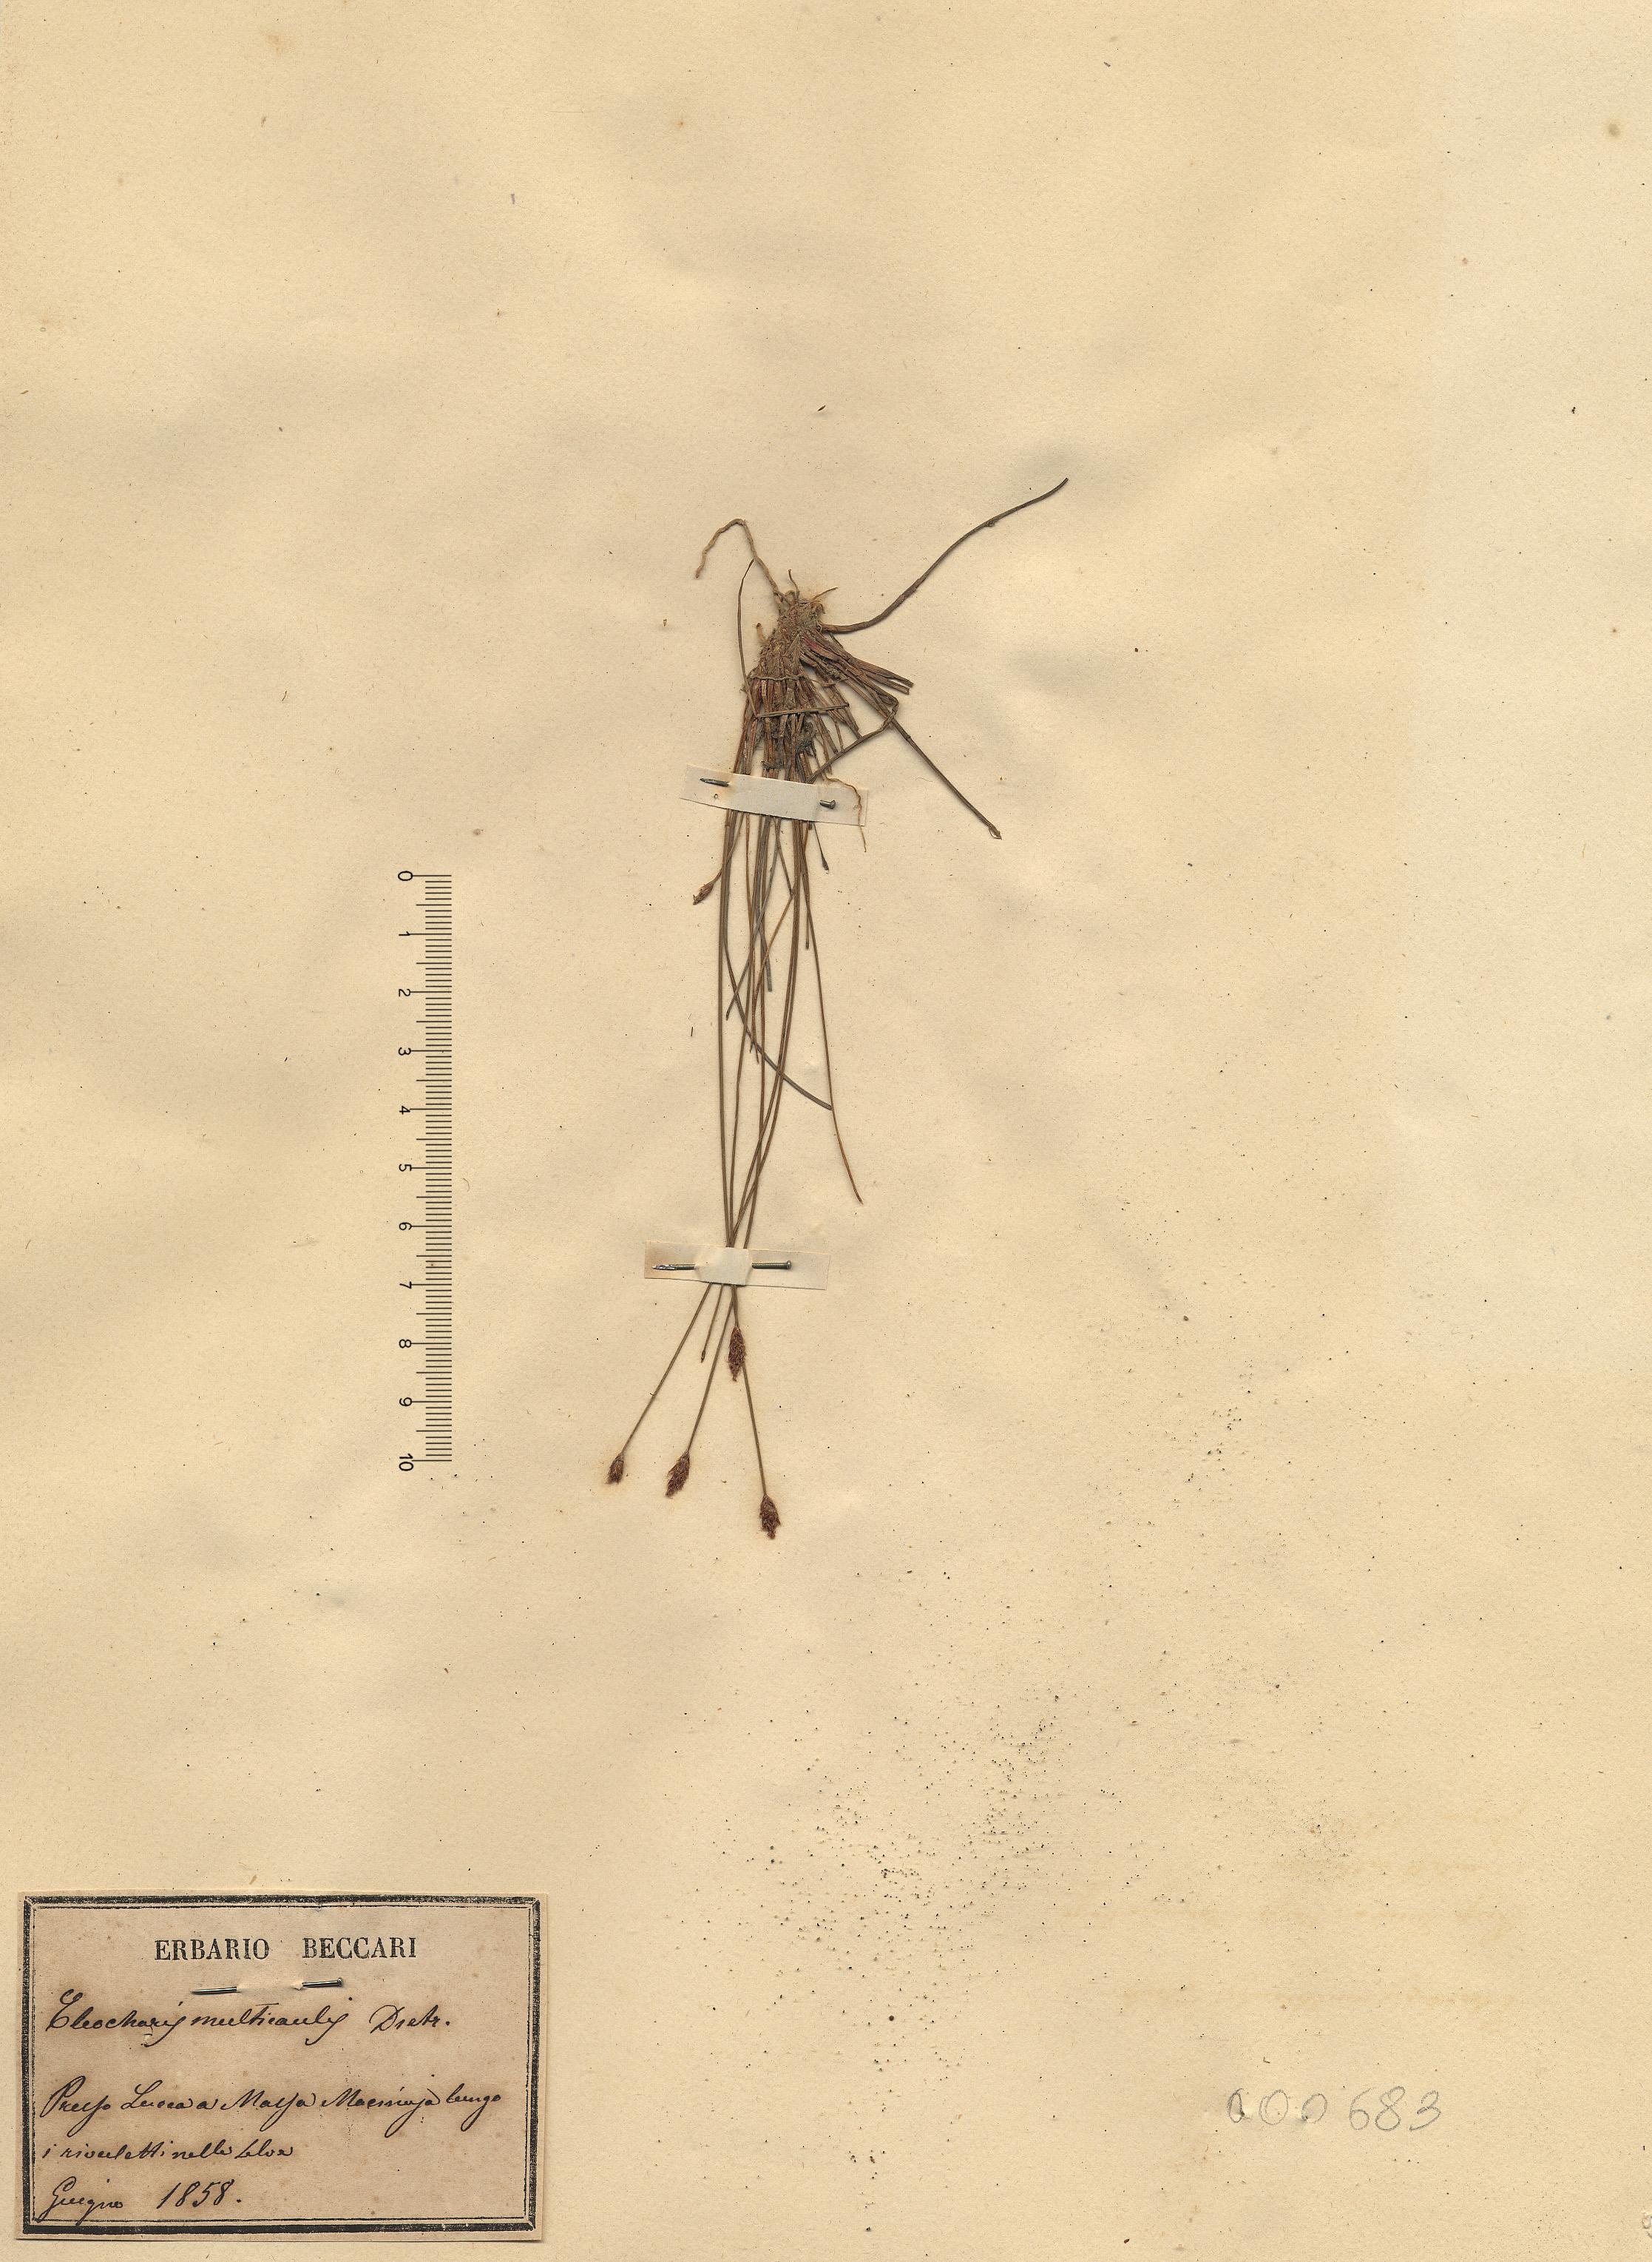 © Hortus Botanicus Catinensis - Herb. sheet 000683<br>